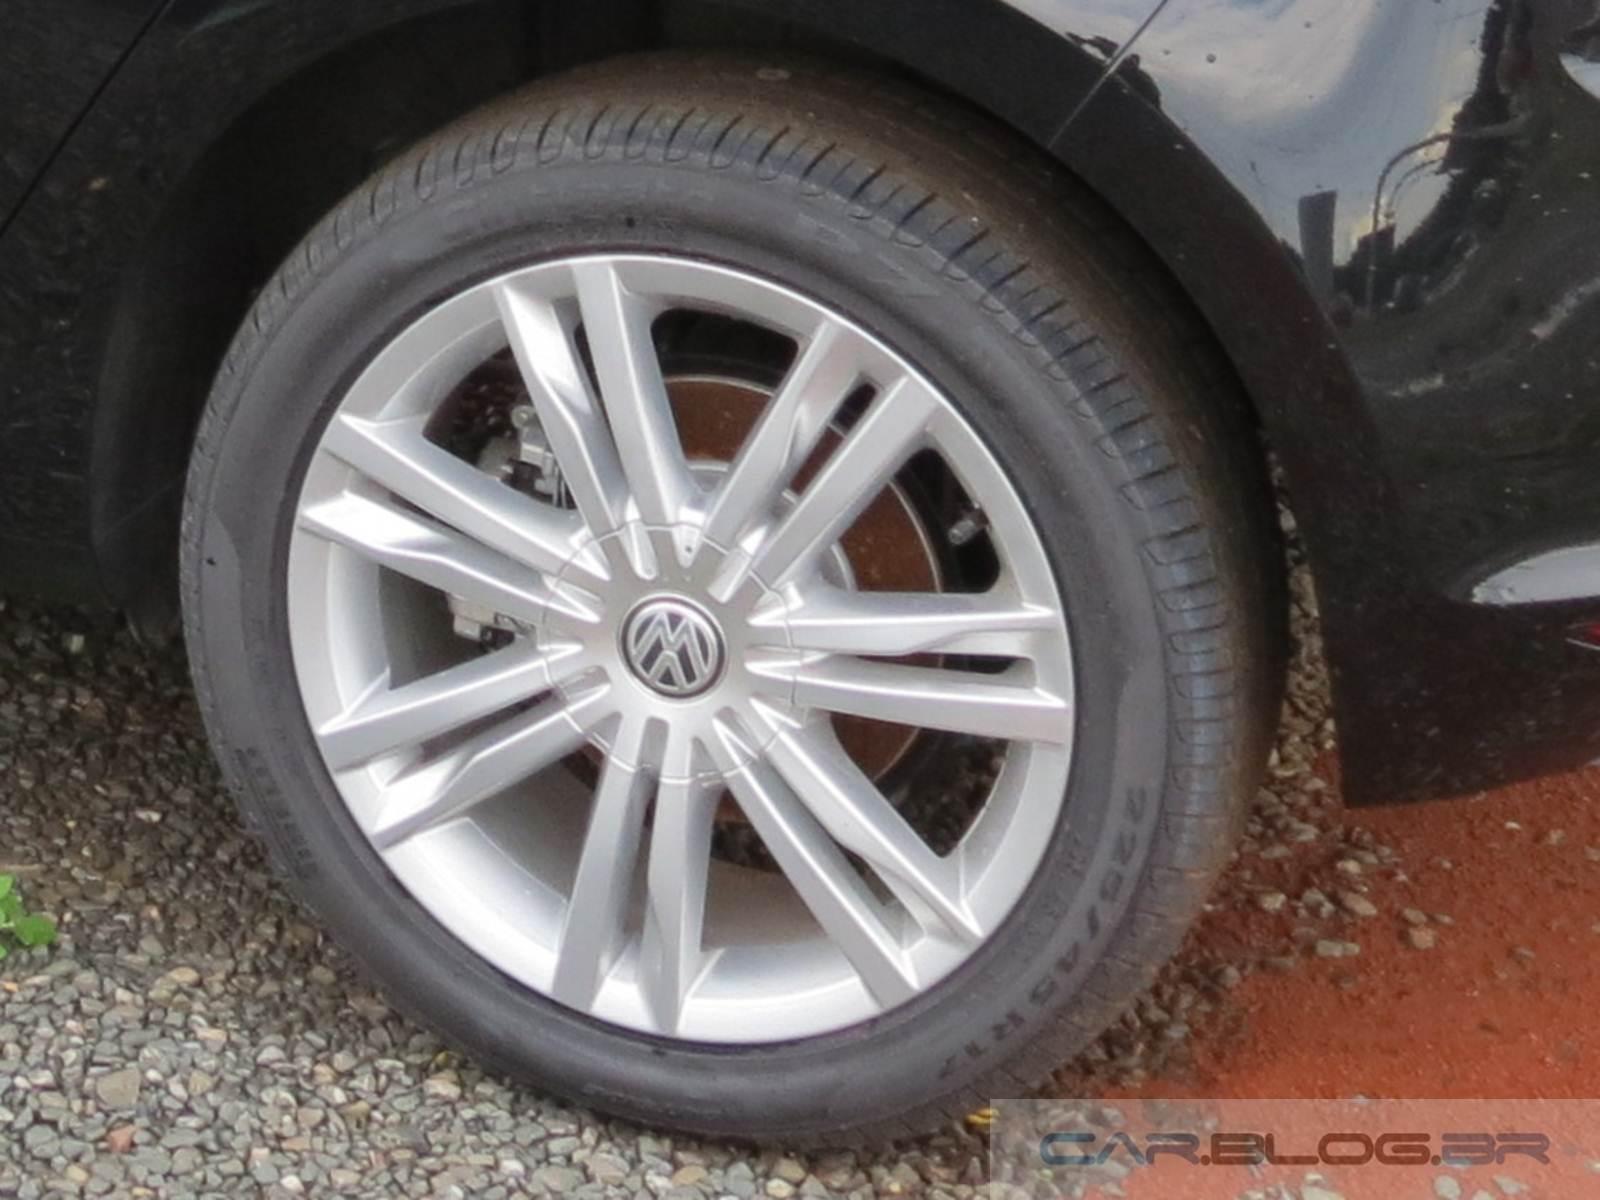 vw golf pneus apresentam bolhas em teste de longa dura o car blog br. Black Bedroom Furniture Sets. Home Design Ideas